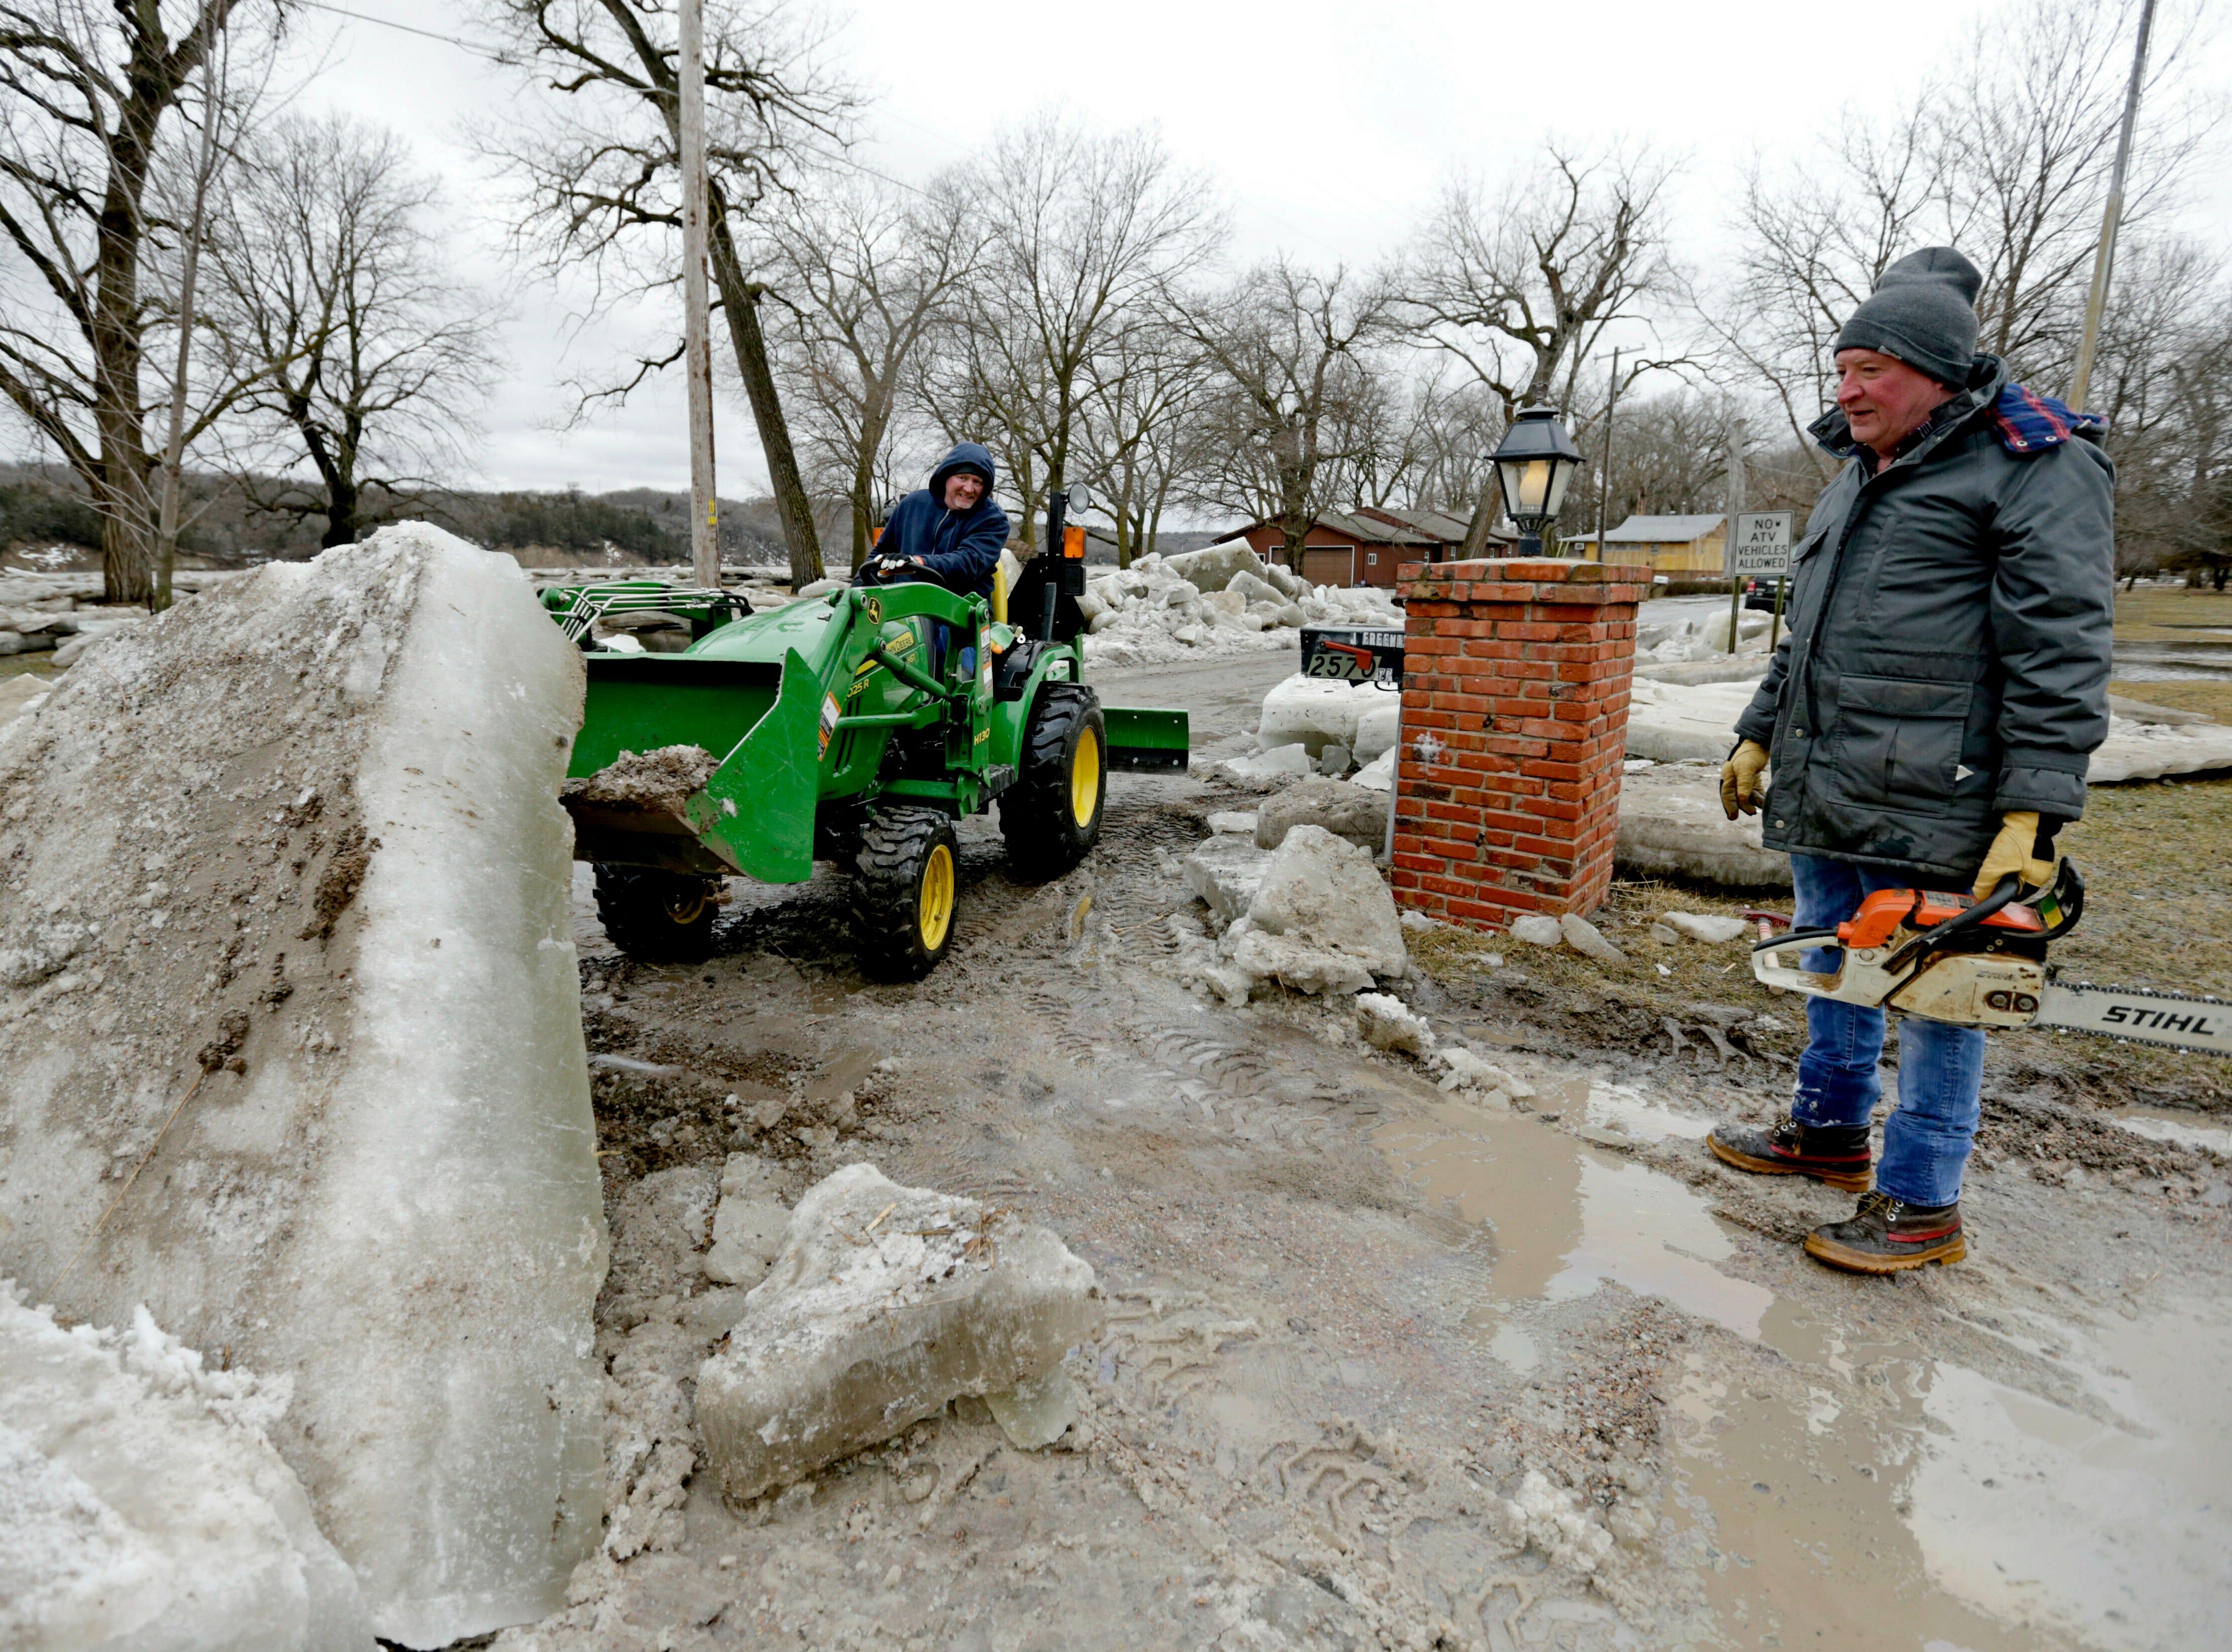 Jim Freeman (der) y su hijo Chad, trabajan para limpiar gruesos bloques de hielo de su propiedad en Fremont, Nebraska, el jueves 14 de marzo de 2019, después de que el río Platte cubierto de hielo inundara sus orillas. Se han producido evacuaciones forzadas por inundaciones en varias comunidades del este de Nebraska.